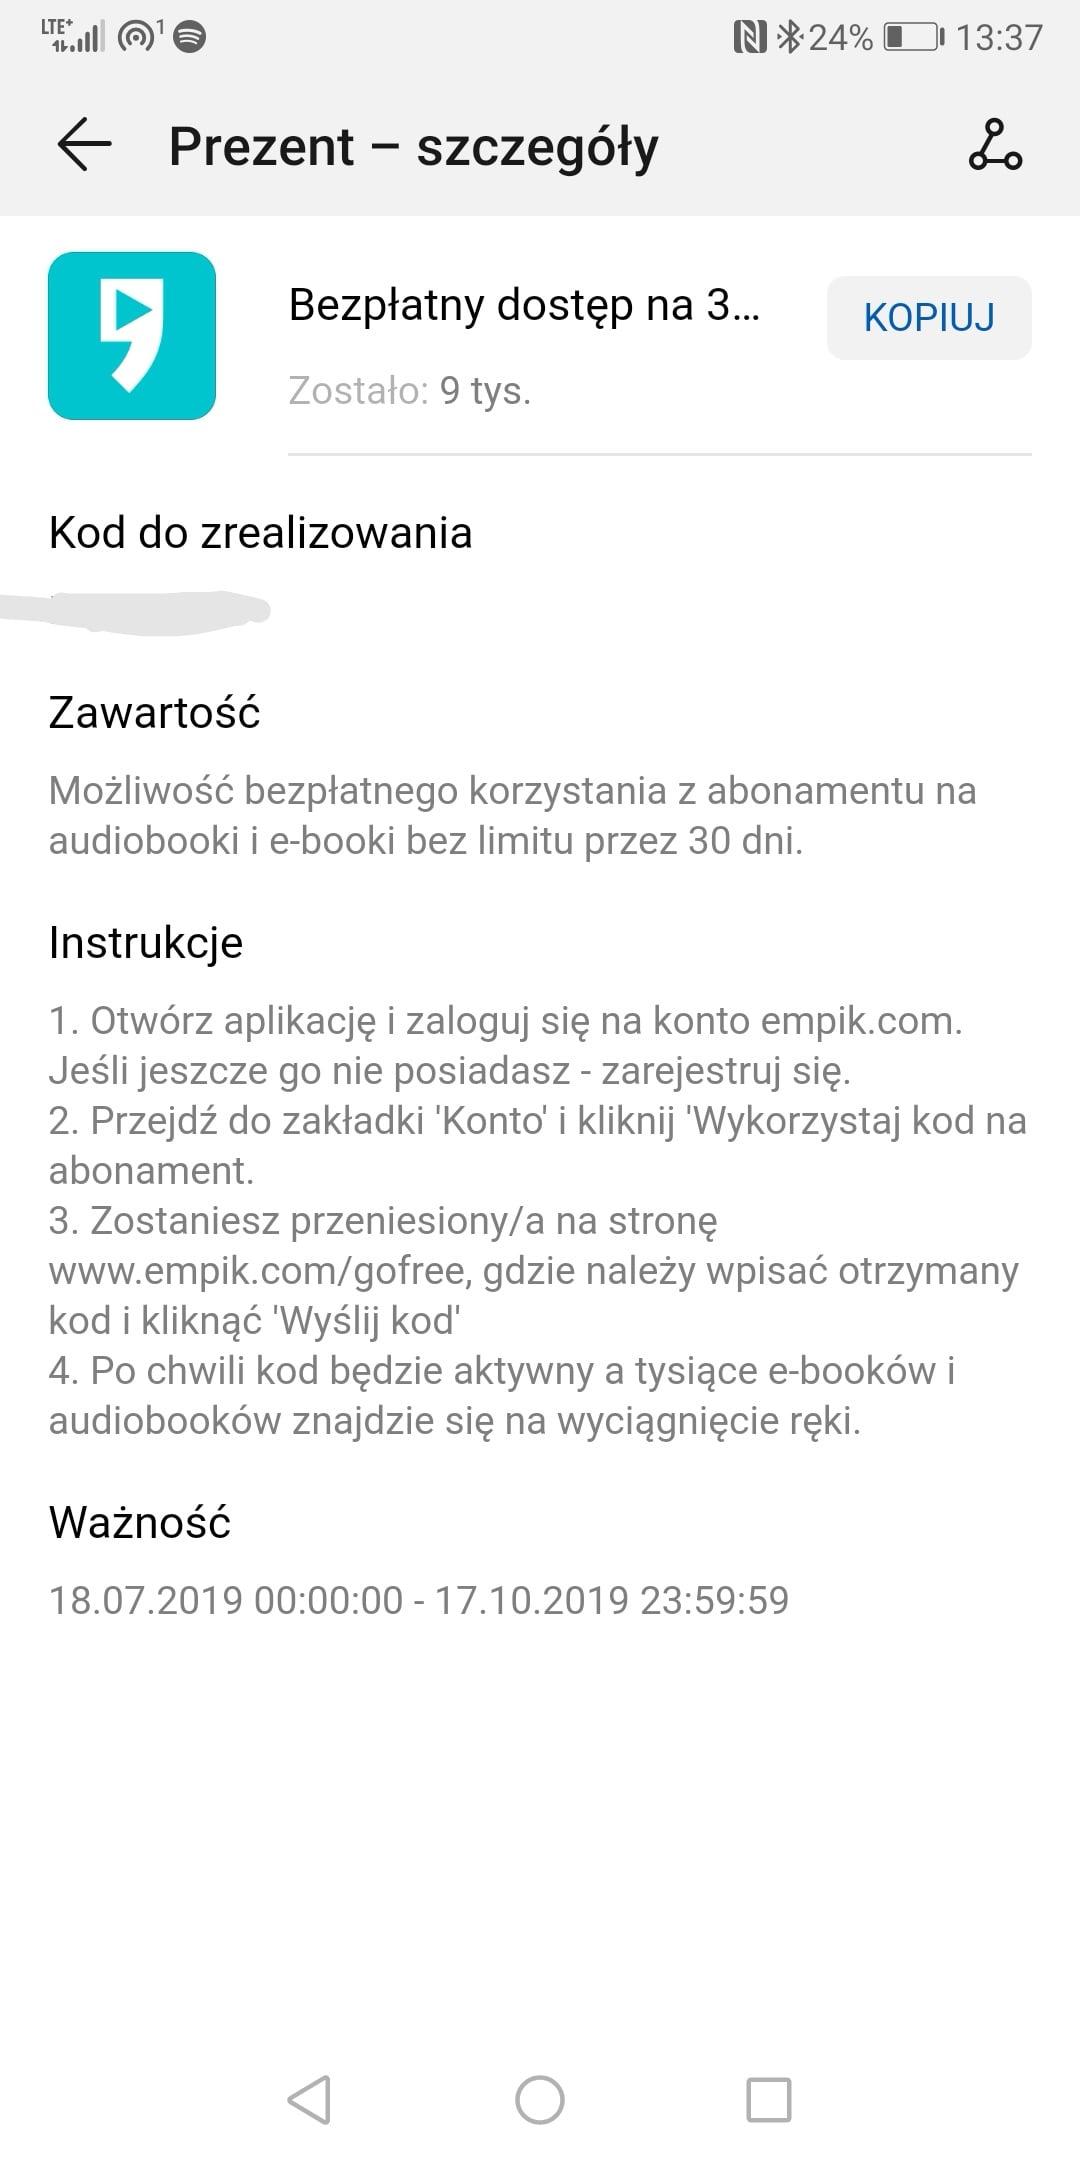 Darmowe Audiobooki I Ebooki Z Empik Go Dla Uzytkownikow Smartfonow